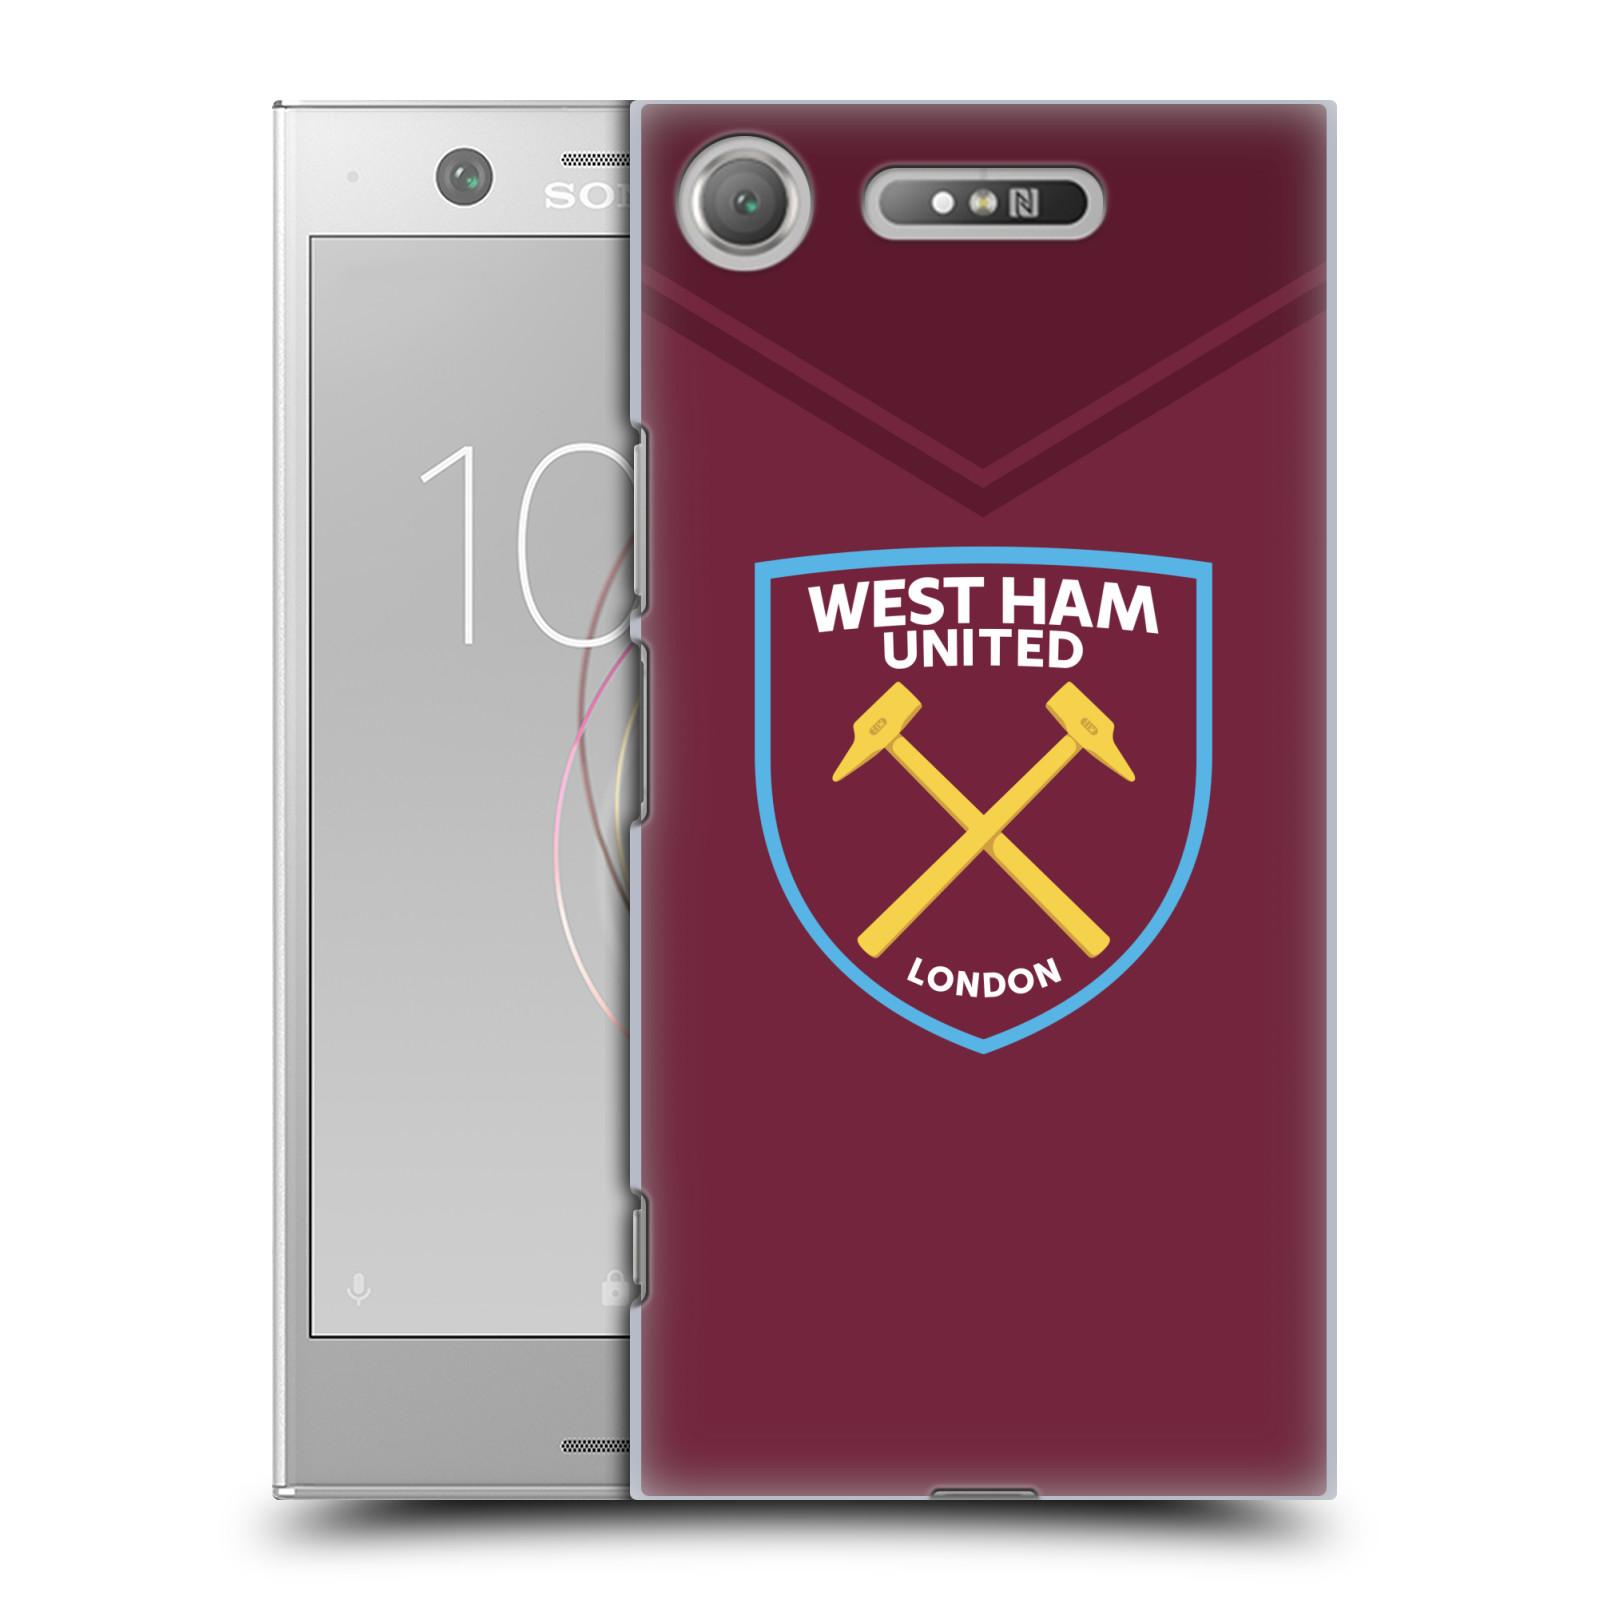 Plastové pouzdro na mobil Sony Xperia XZ1 - Head Case - West Ham United - Logo